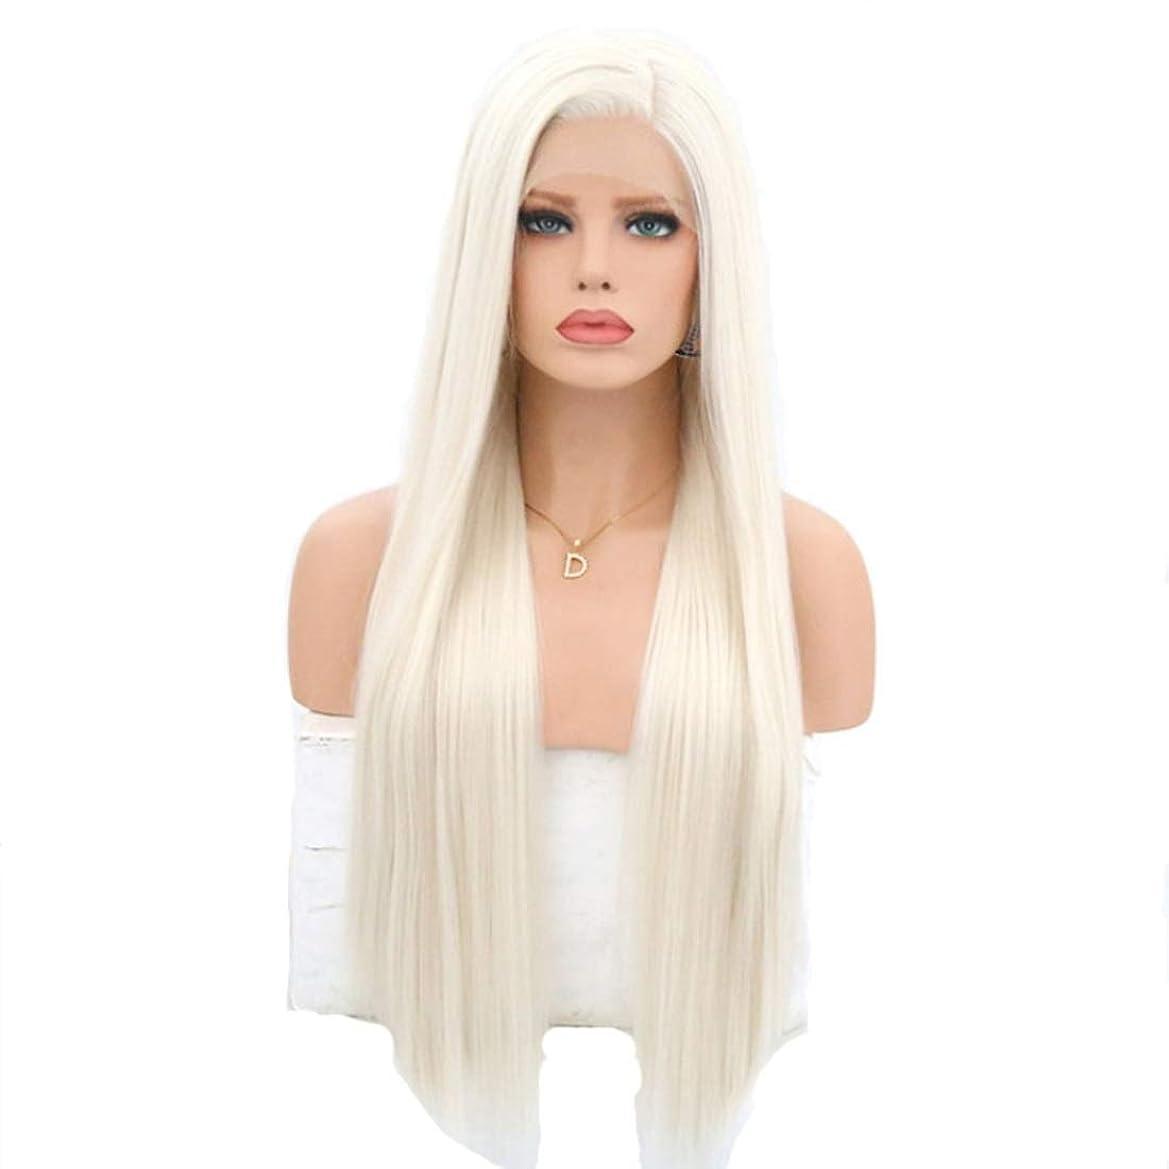 スカリー合唱団究極のSummerys 耐熱性女性用フロントレースかつらホワイトロングストレートケミカルファイバーウィッグ (Size : 22 inches)